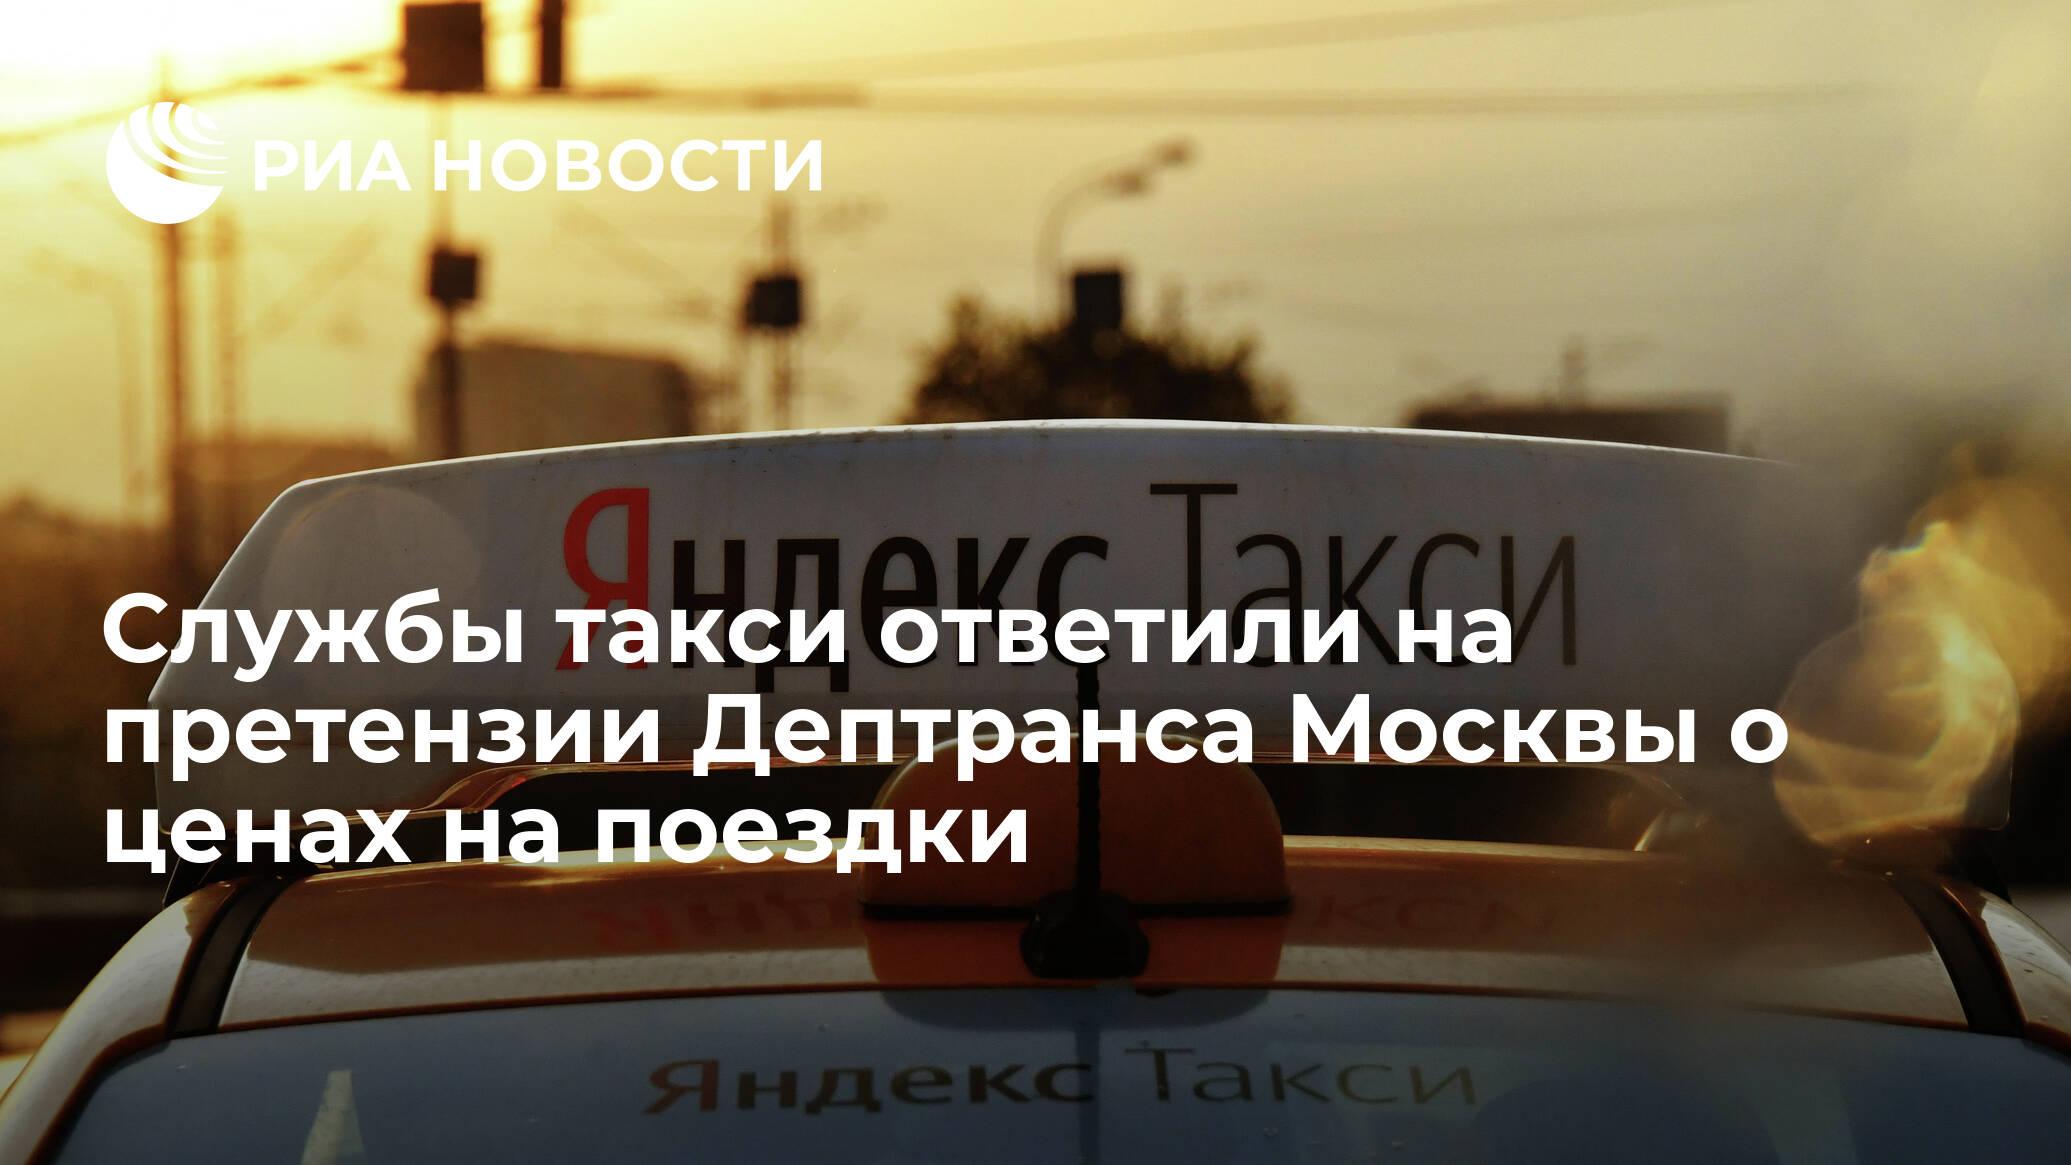 Службы такси ответили на претензии Дептранса Москвы о ценах на поездки - РИА НОВОСТИ